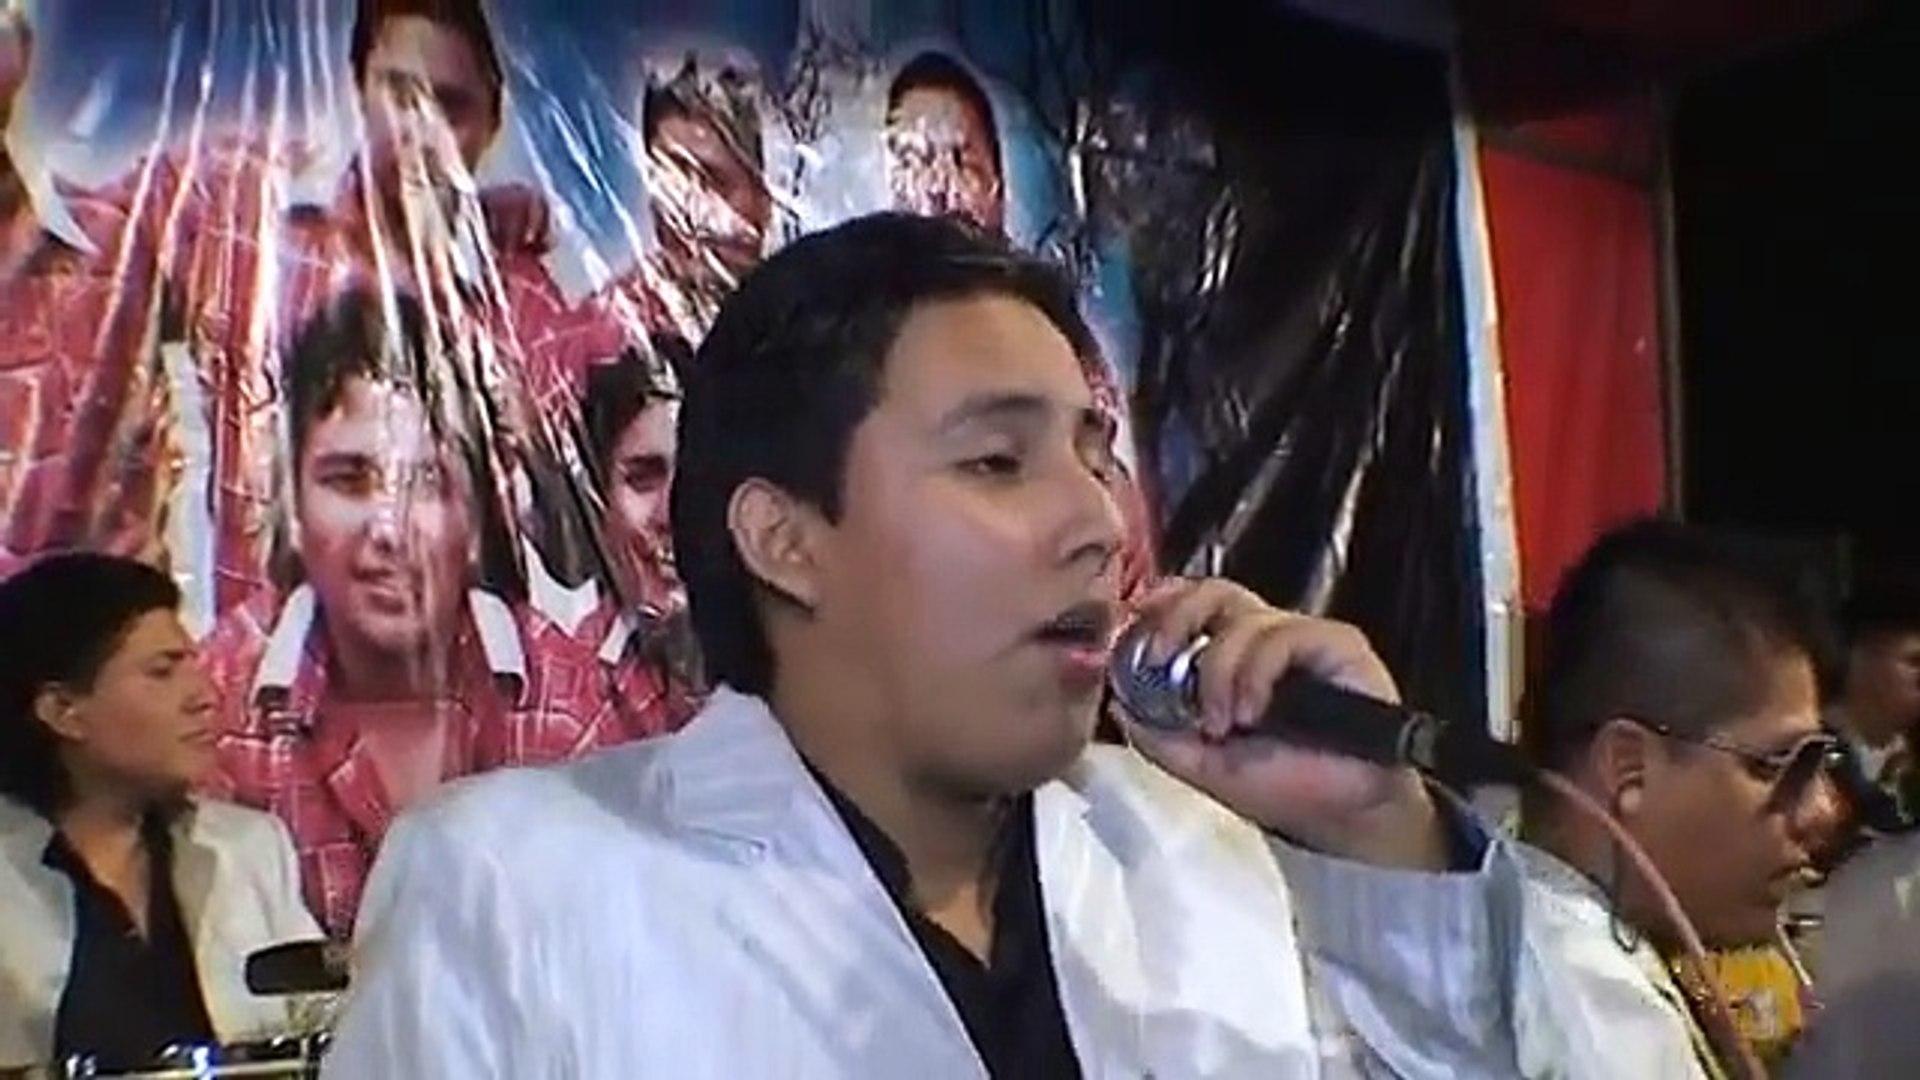 JHACO y su Grupo LUNA NUEVA EN VIVO -  LLORO AL RECORDAR - LUNA AMIGA - PARA QUE ME HACES LLORAR